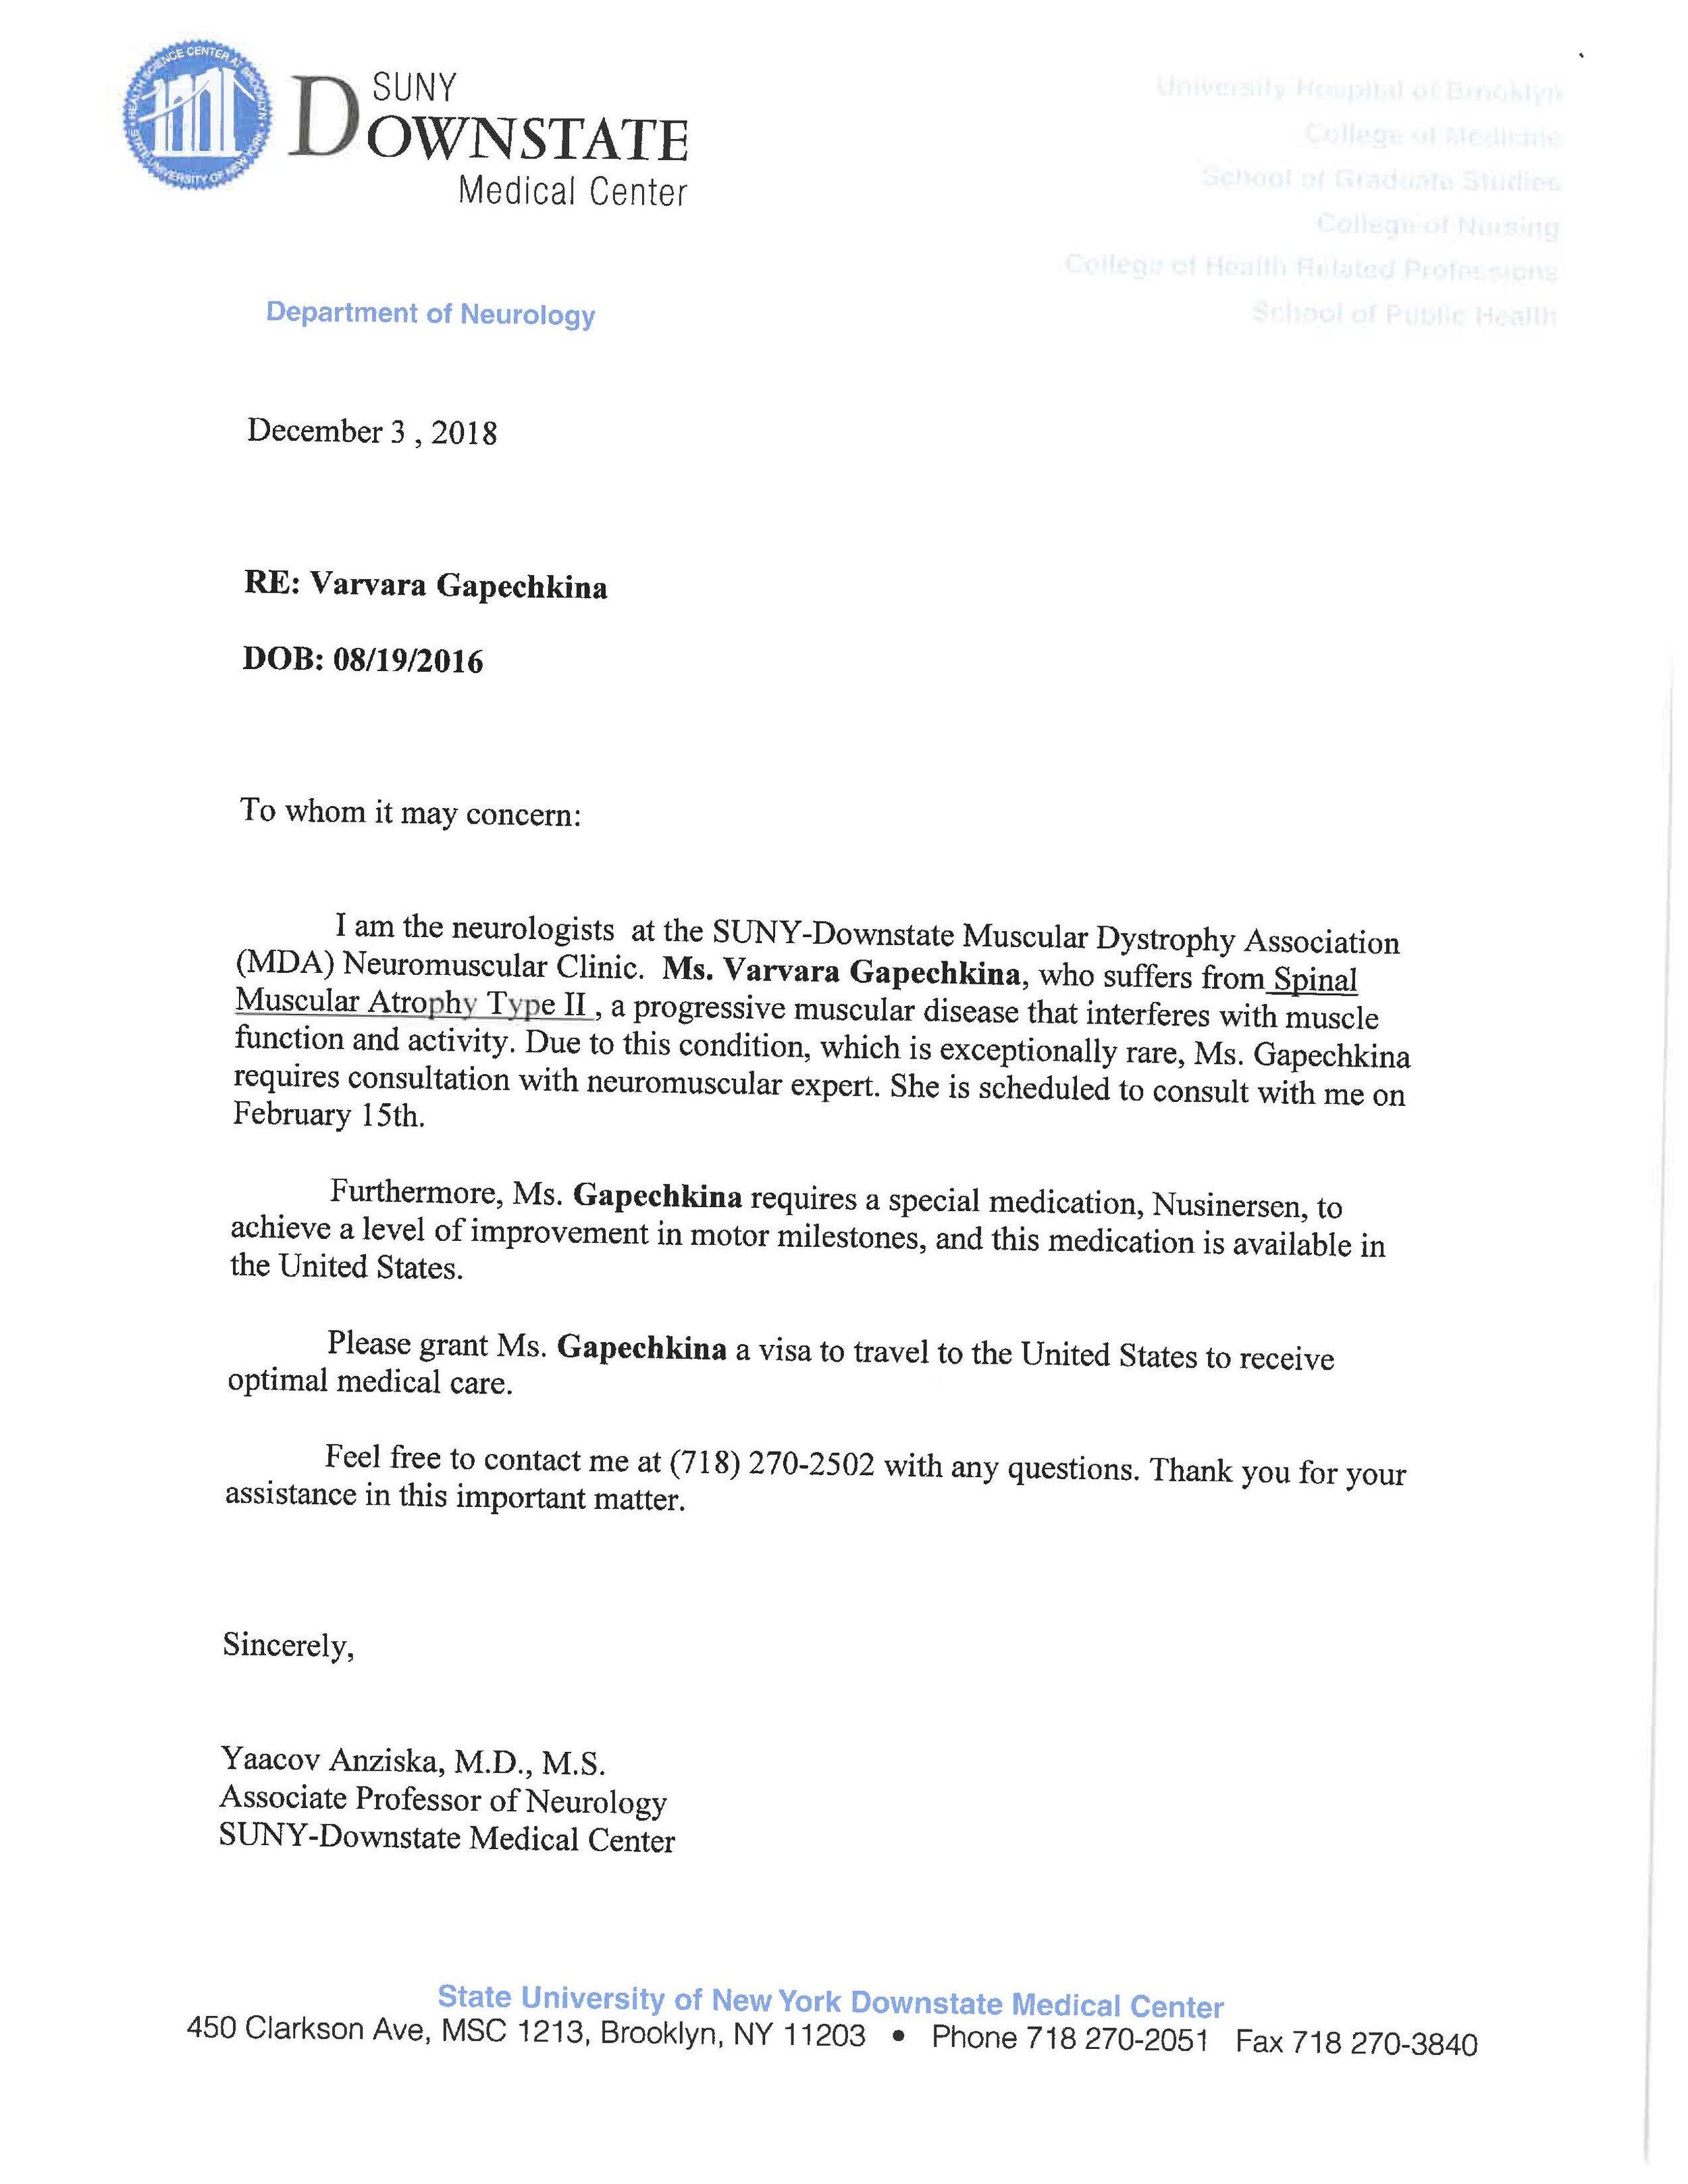 immigration-letter.jpg